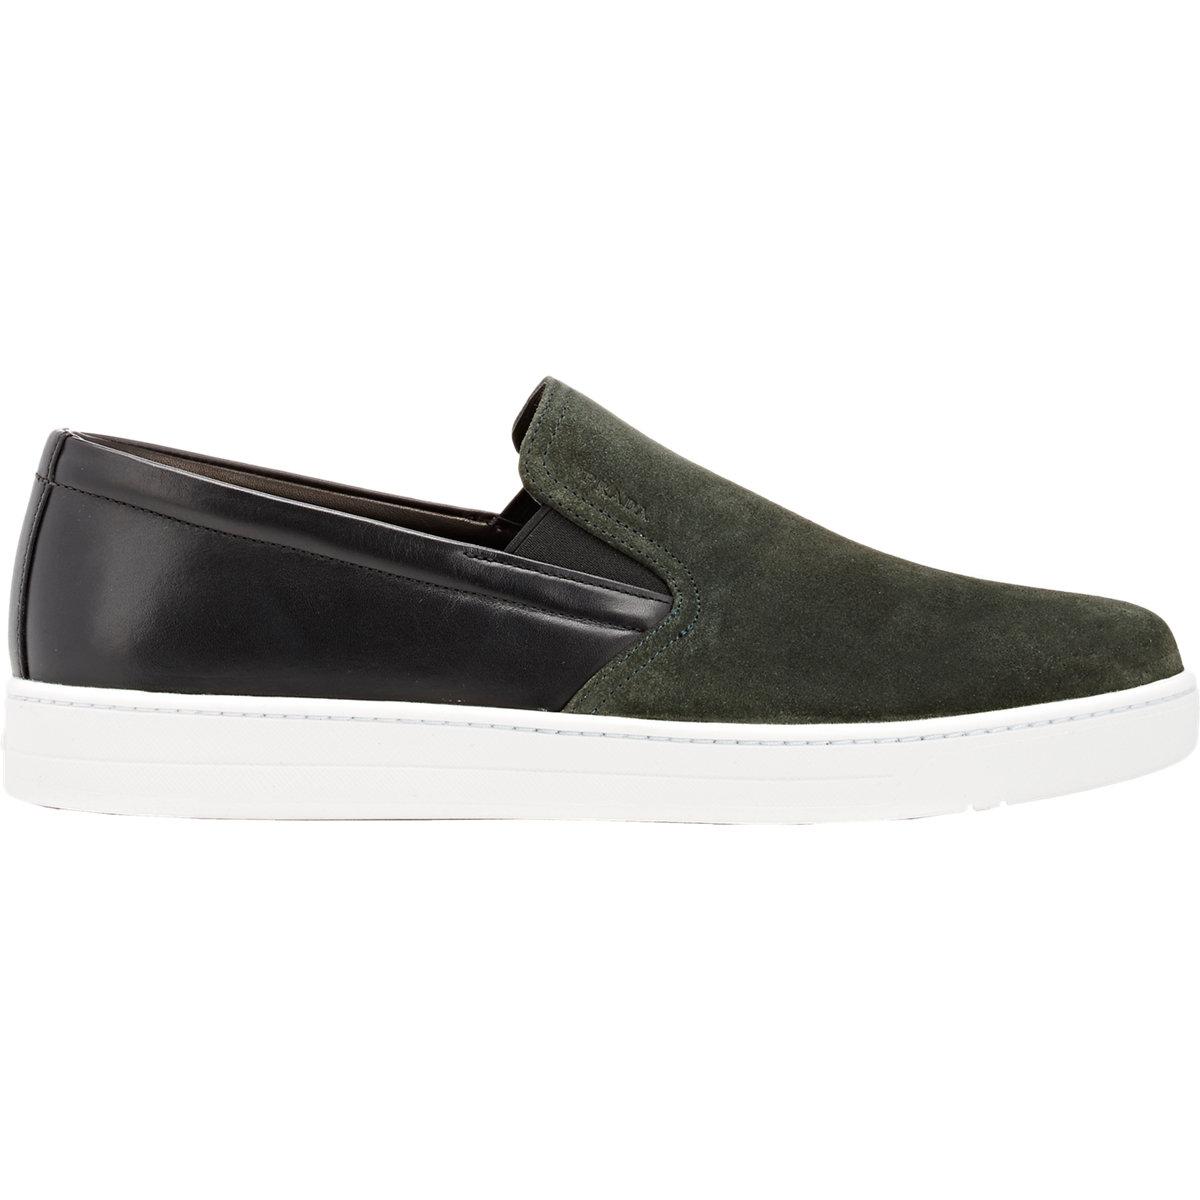 3b5ac5ff7947 green prada loafers - Ecosia